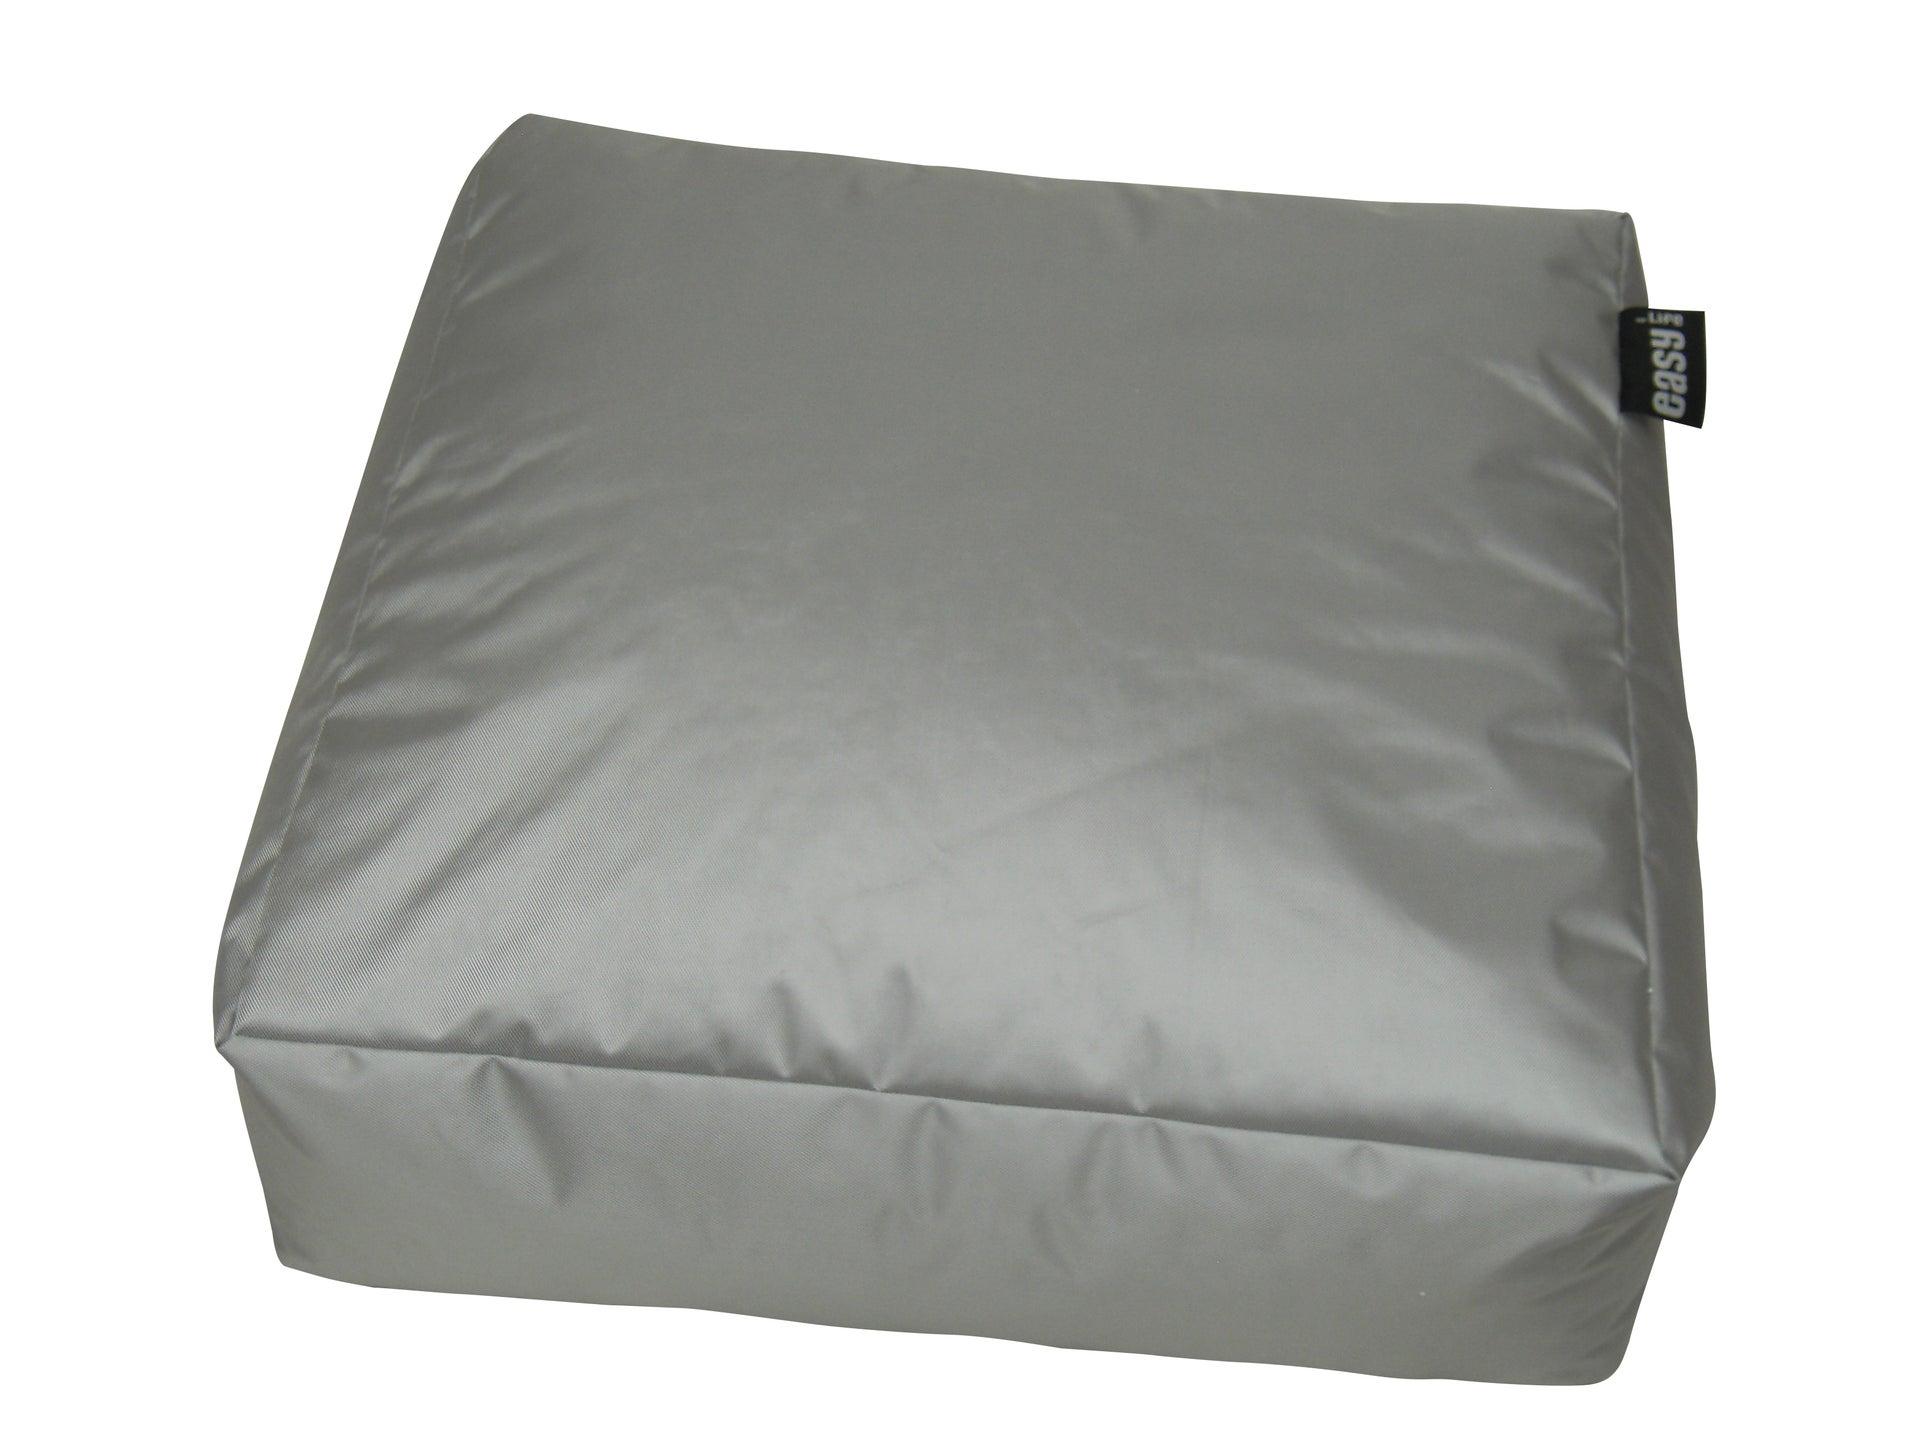 Pouf de sol gris clair Blok, L.90 x l.90 cm